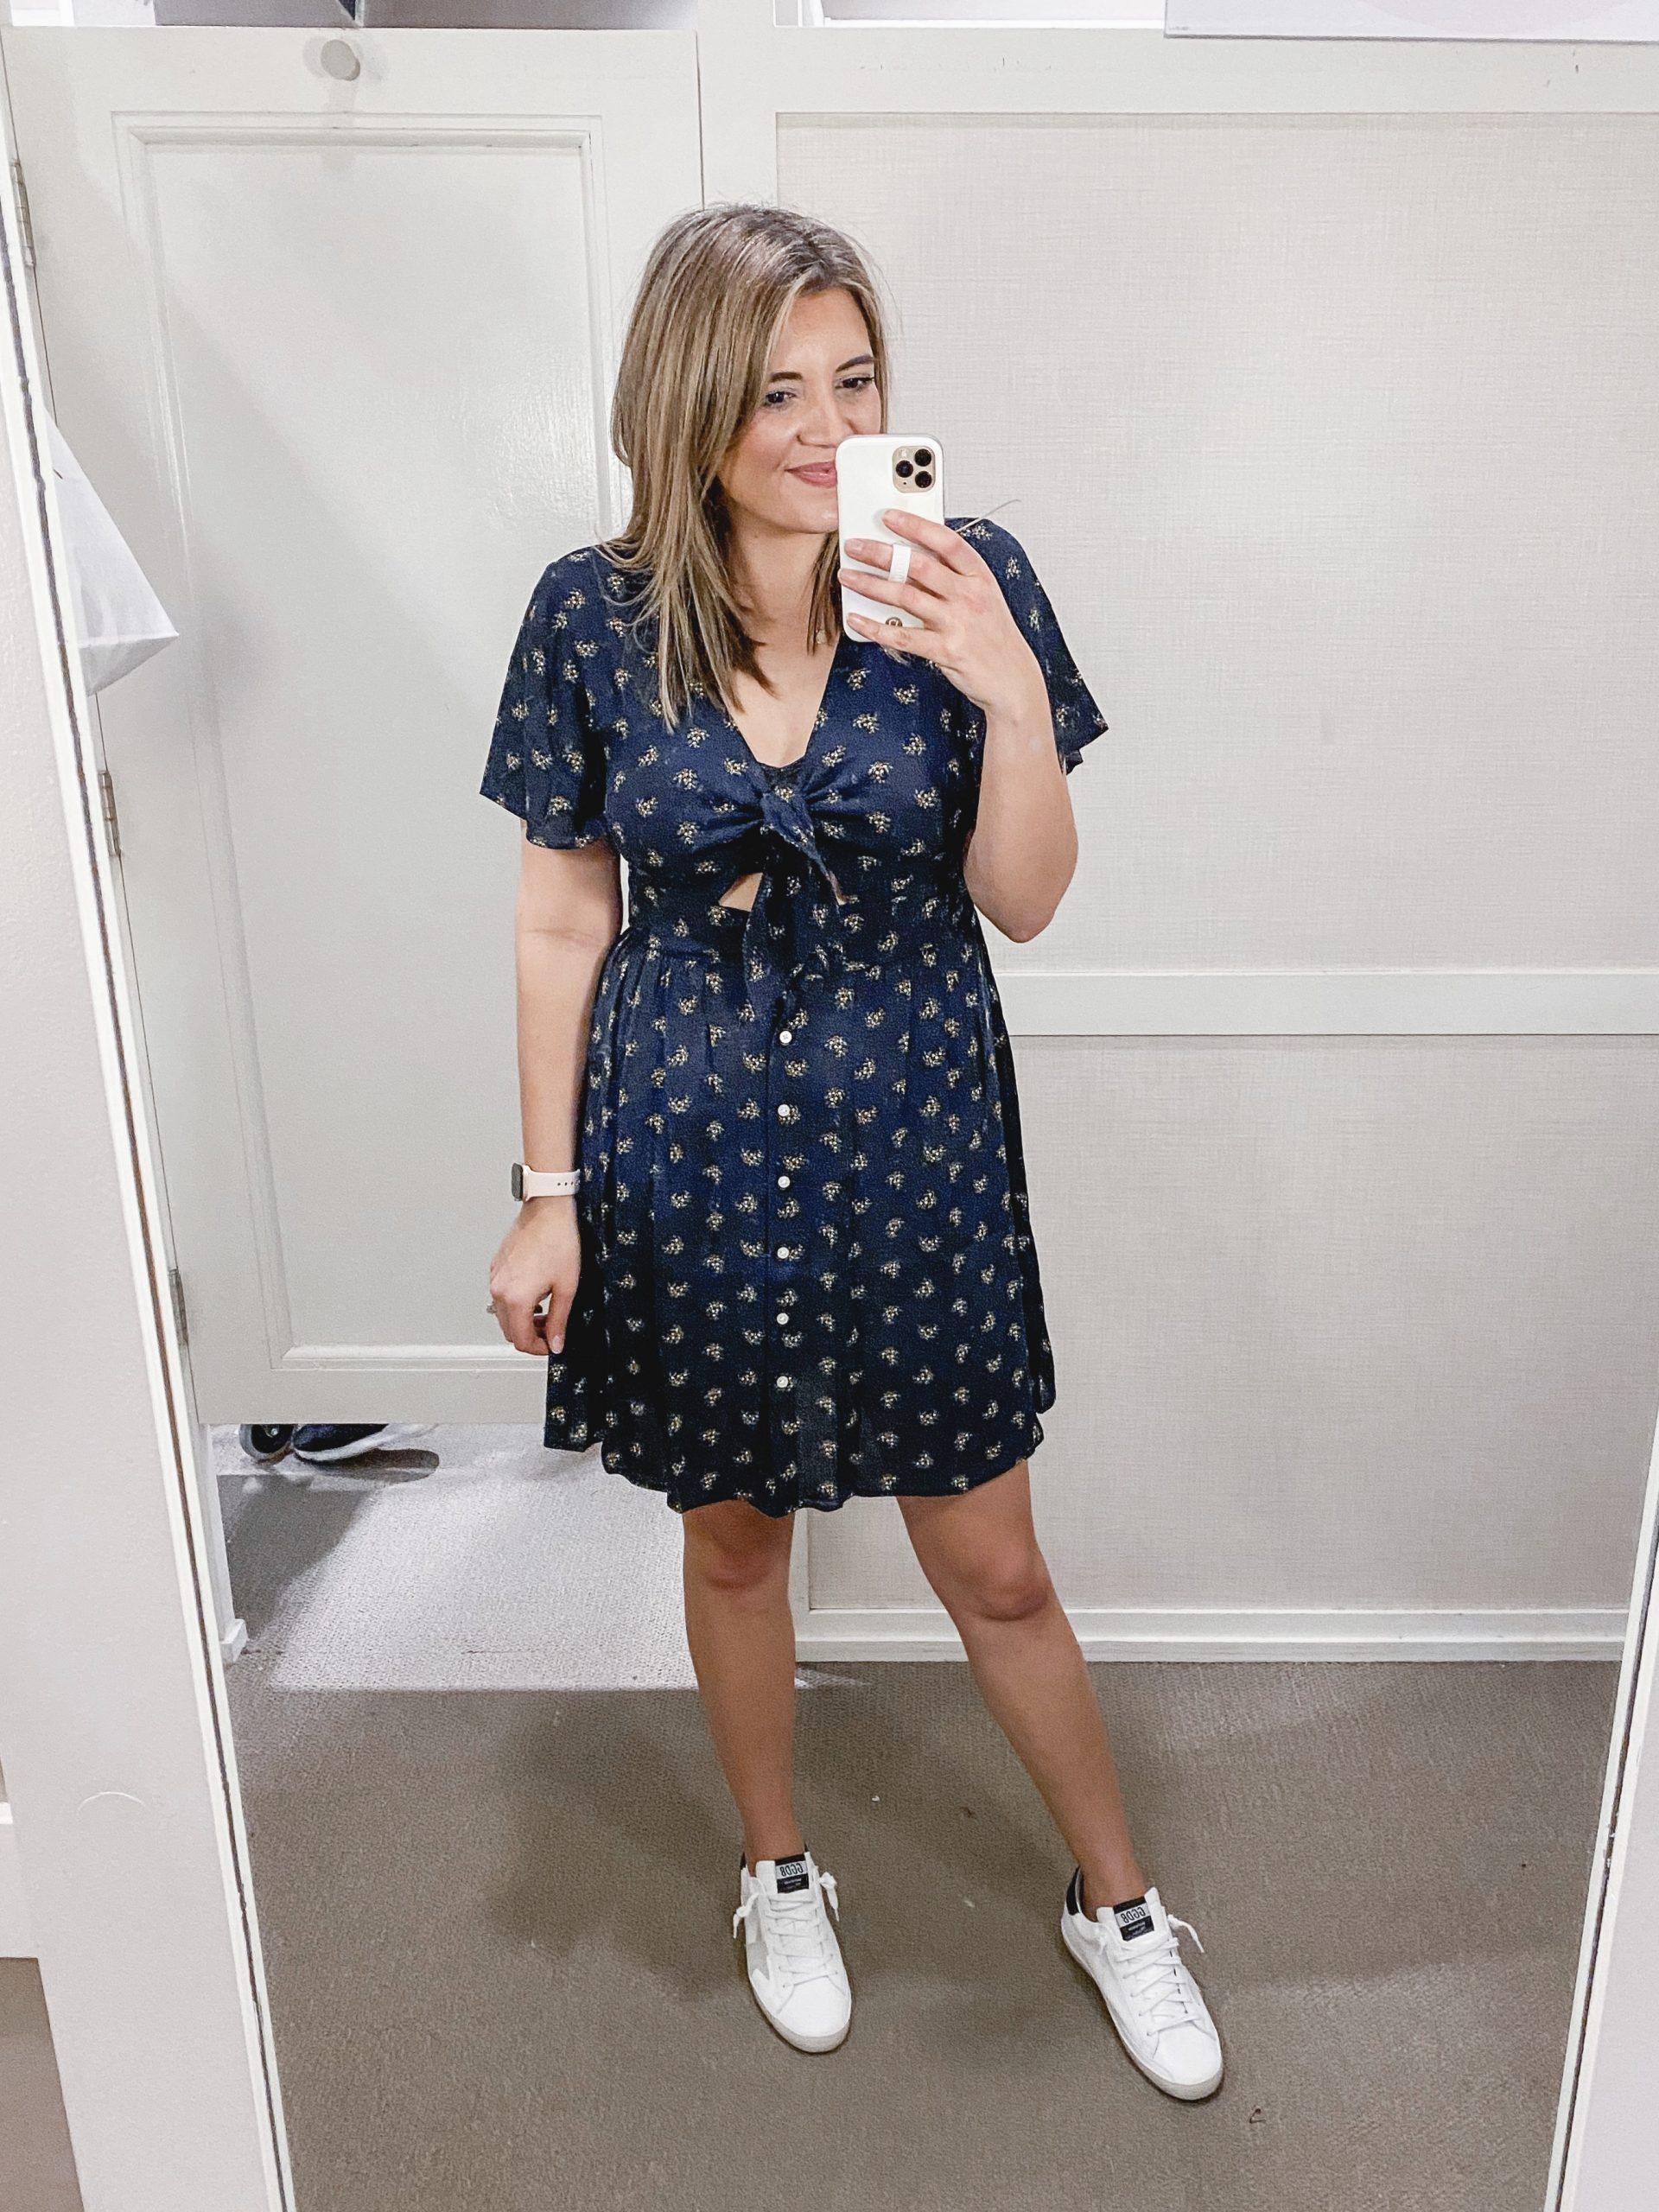 Virginia blogger, Lauren Dix, shares a Loft resort wear try on!